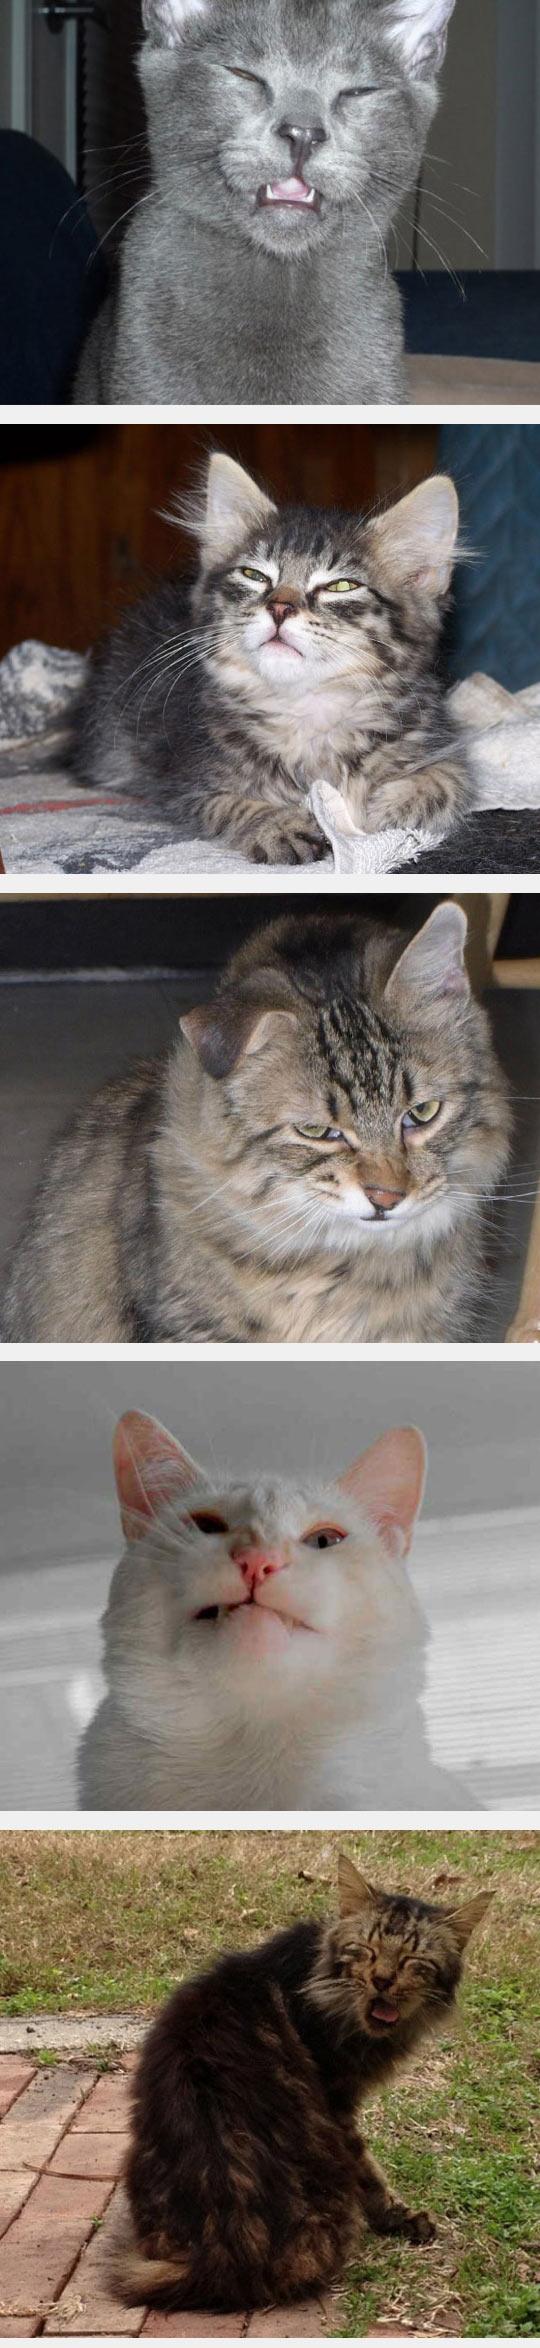 funny-cat-sneeze-face-weird-snout